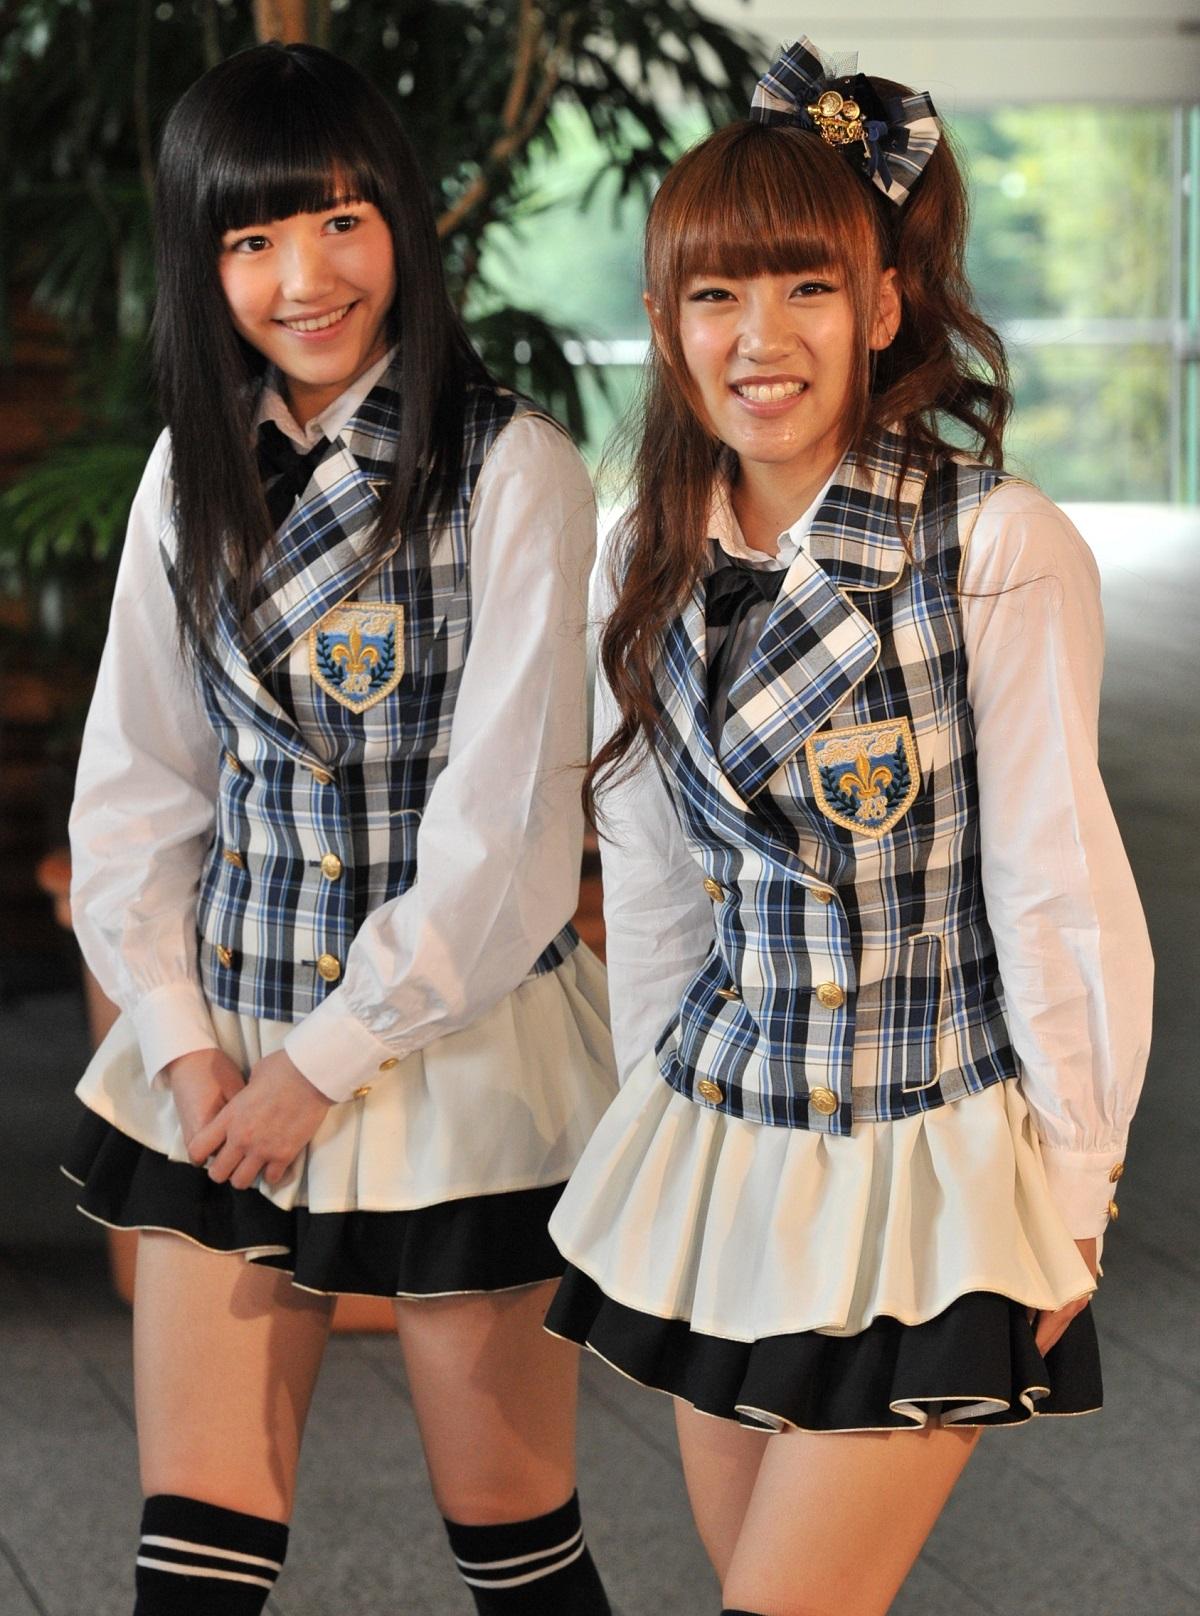 渡辺麻友さん(左)と高橋みなみさん